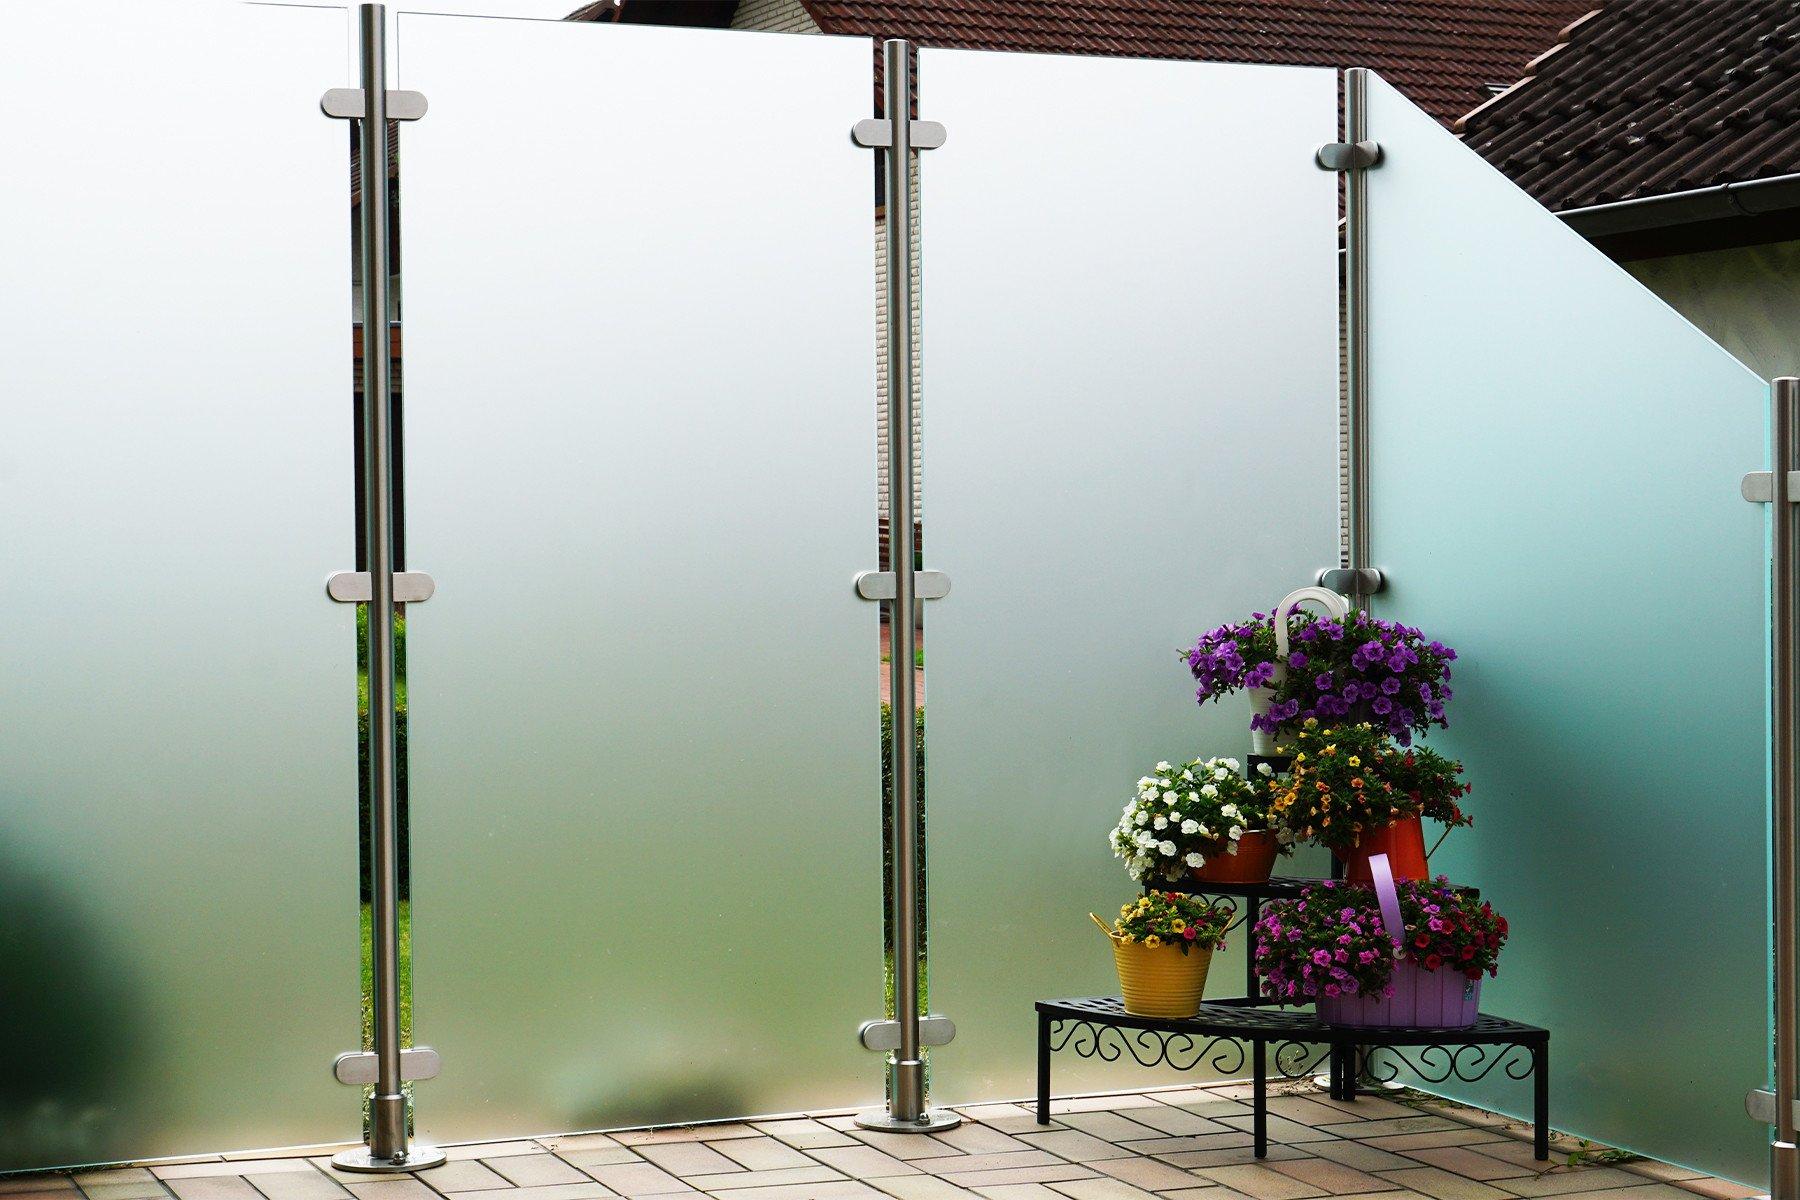 wind-und-sichtschutz-transvent-optisches-highlight- fuer-garten-und-terrasse